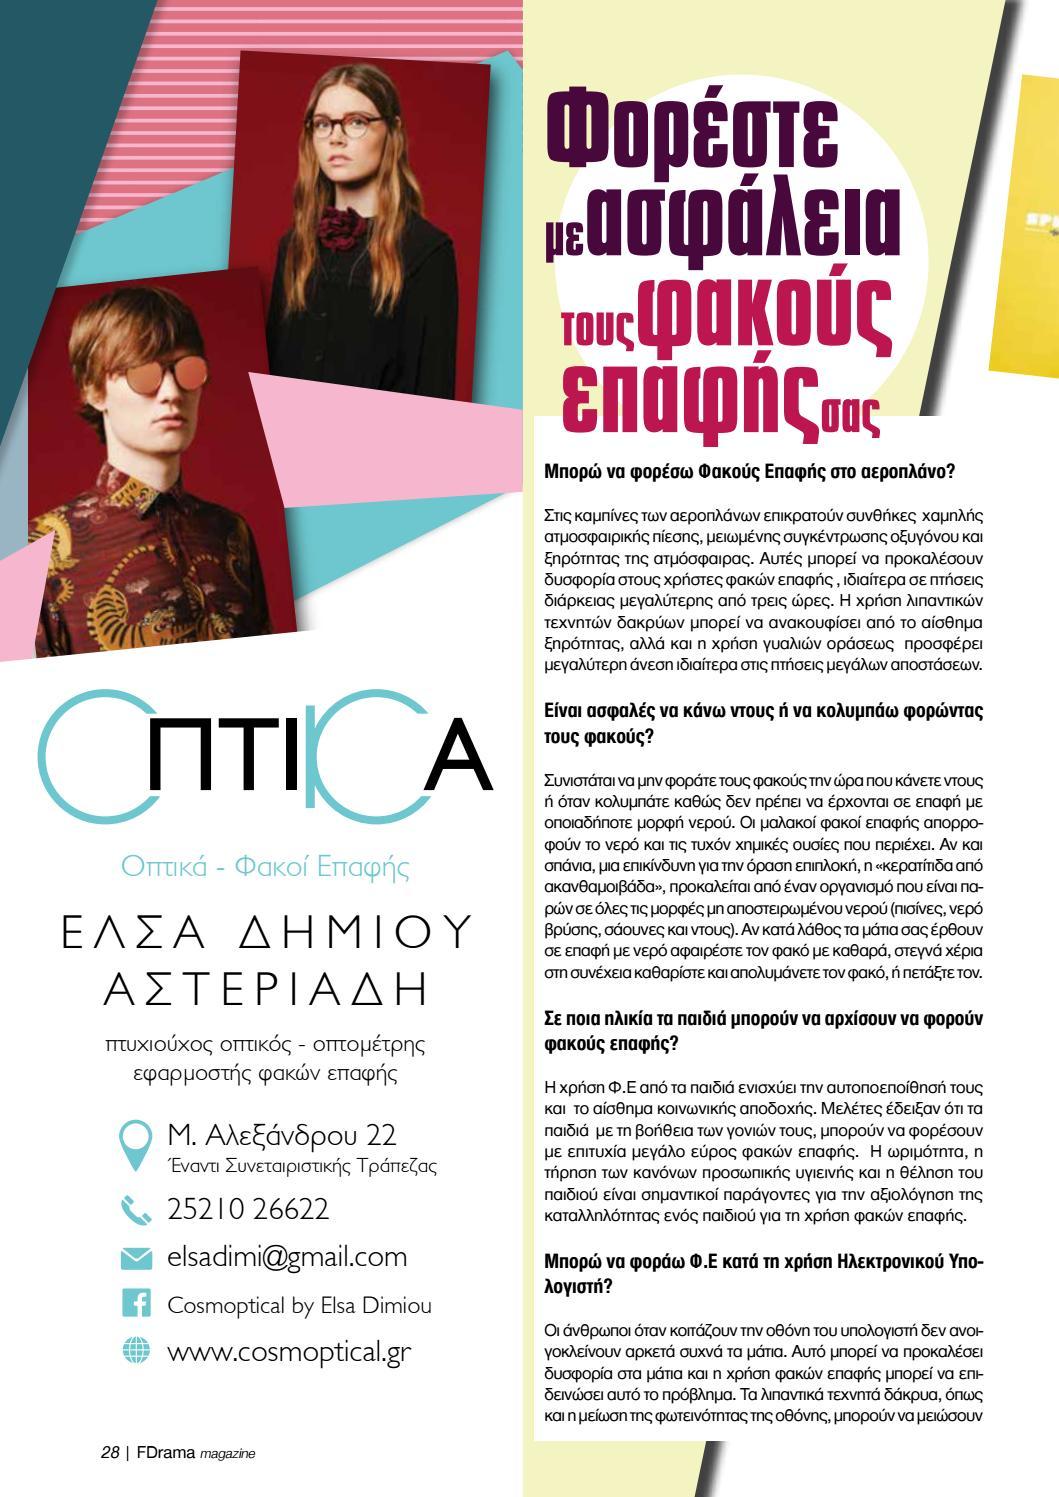 e9d55a3471 Fdrama free press magazine Απρίλιος 2017 by Γιώργος Μάρκου - issuu